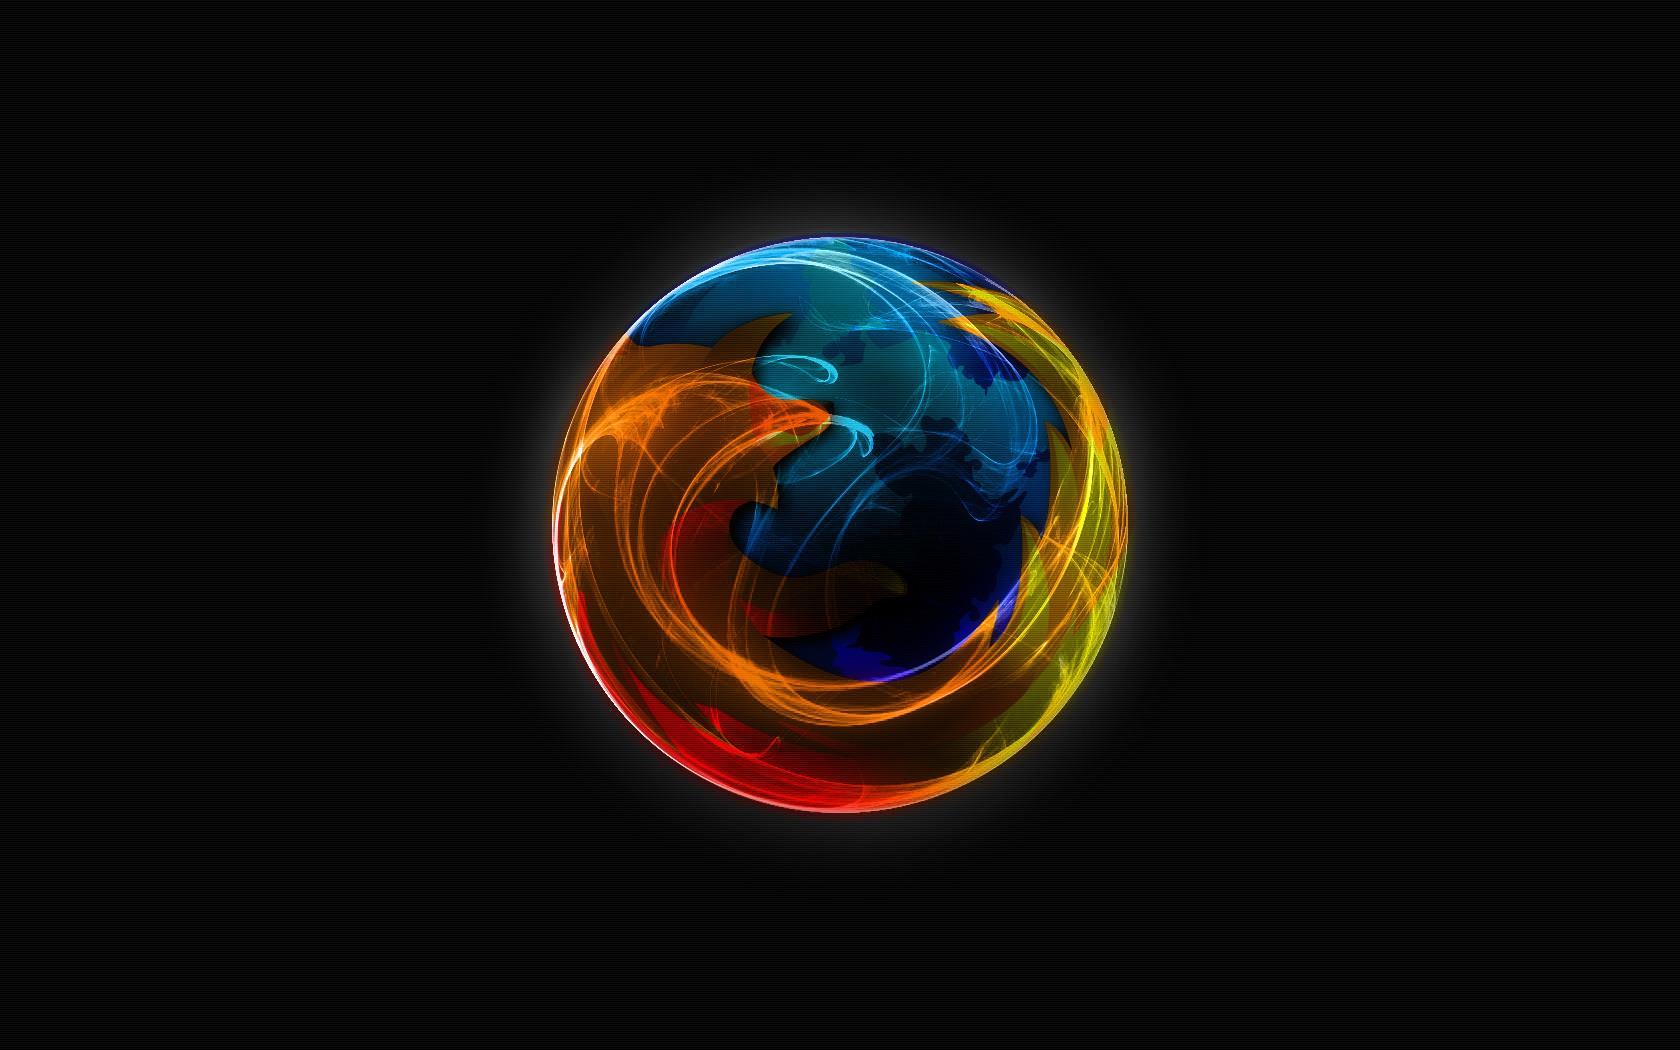 fond-ecran-couleurs-en-telechargement-libre_06